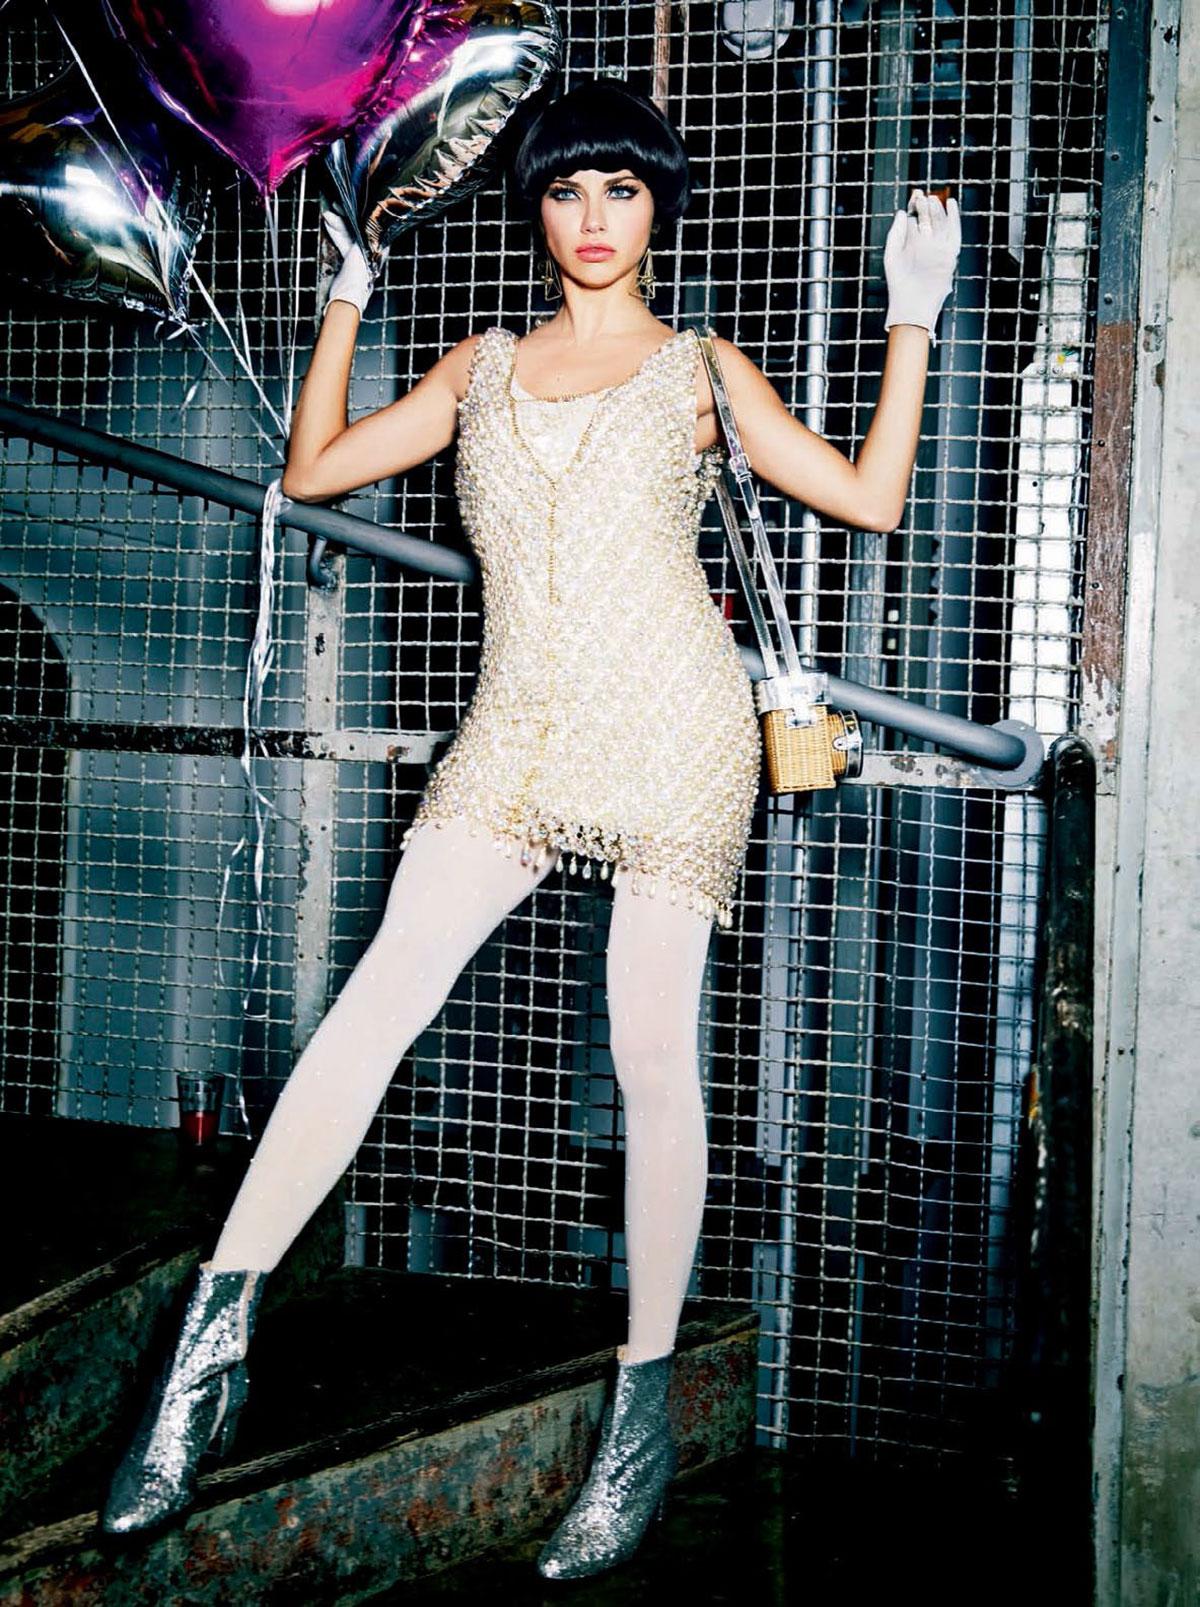 Vogue Magazine Photoshoot By Ellen Von